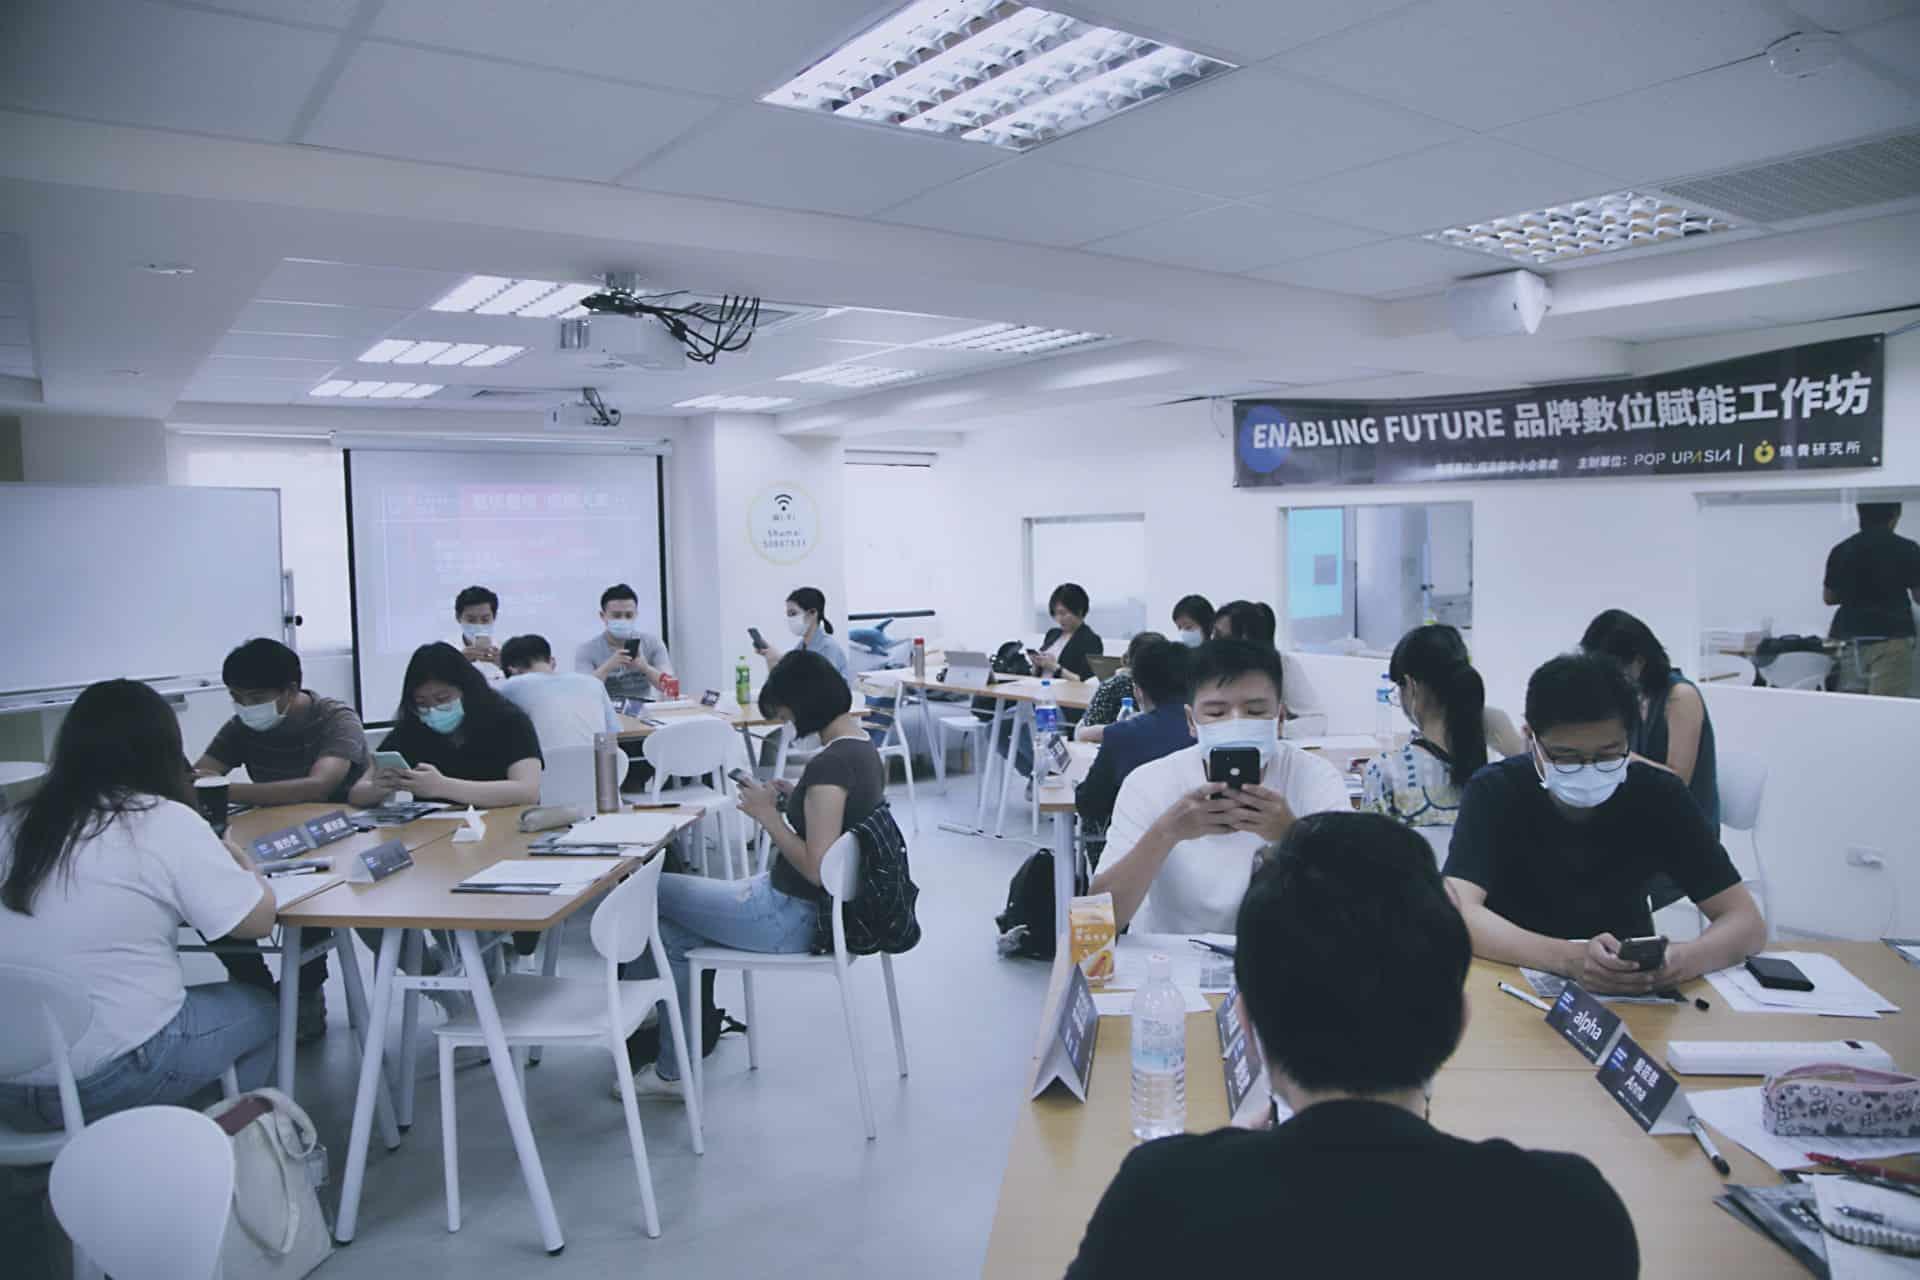 教室座落在明亮三面窗戶的燒賣研究所